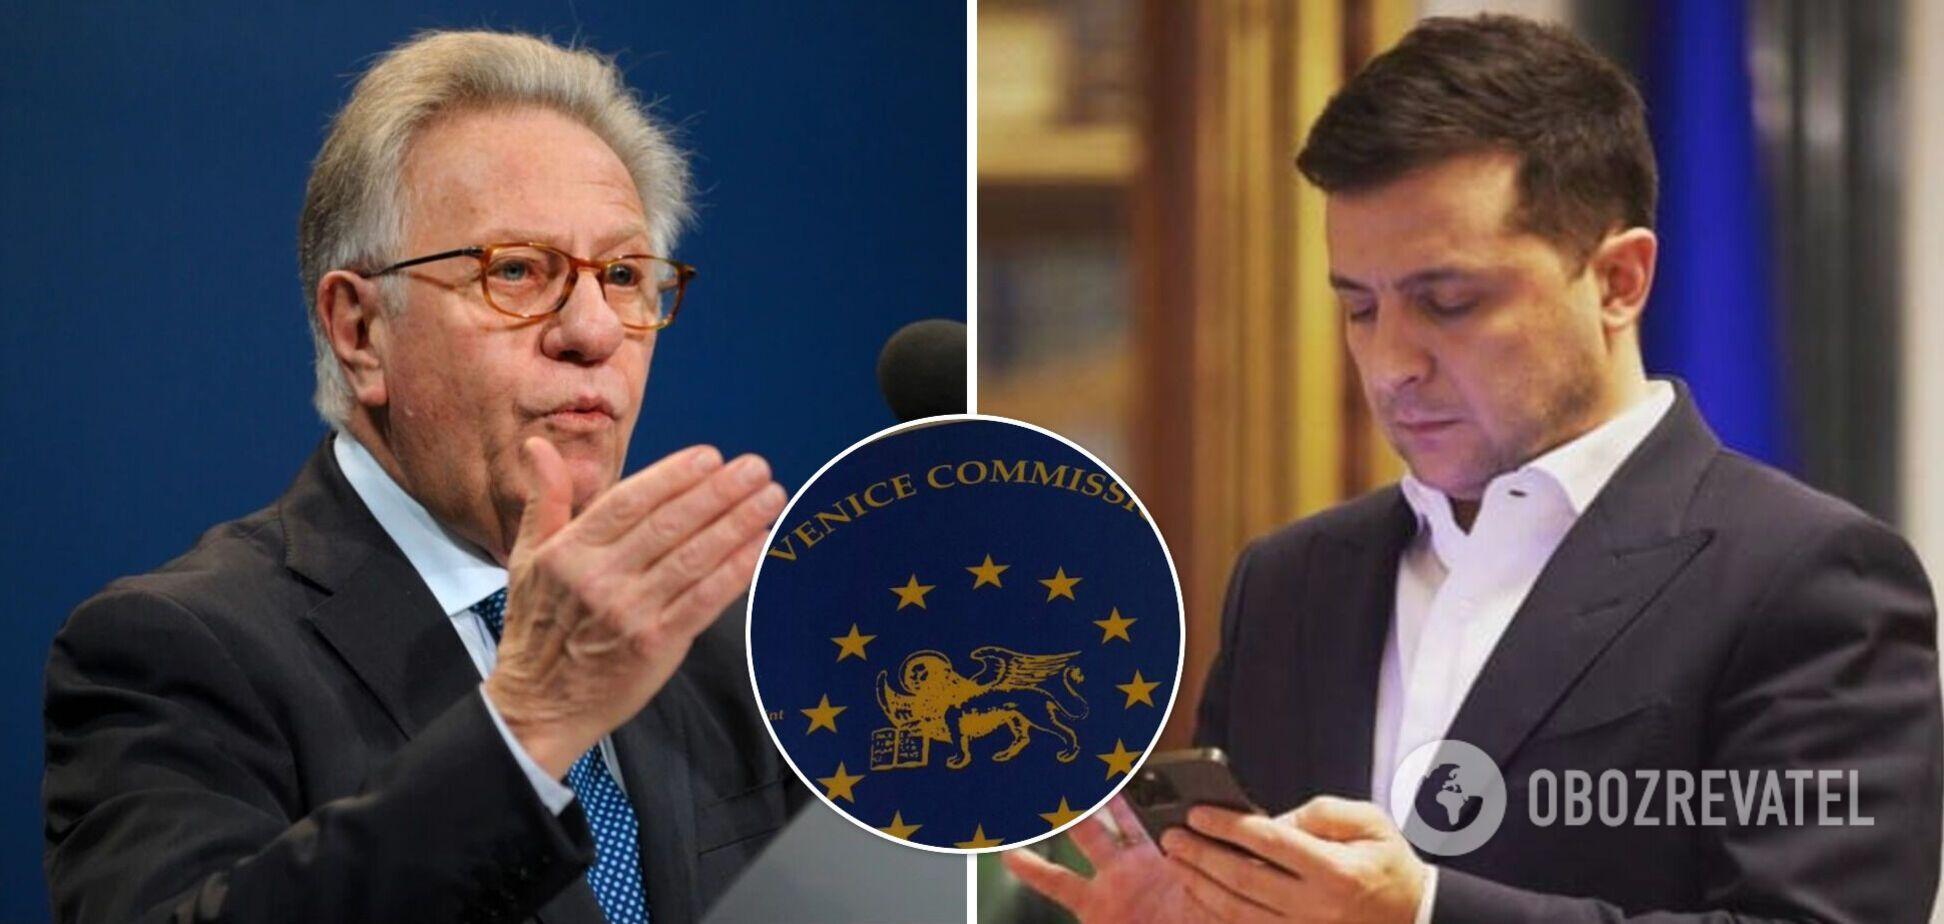 Глава Венецианской комиссии попросил Зеленского предоставить текст принятого Радой закона об олигархах